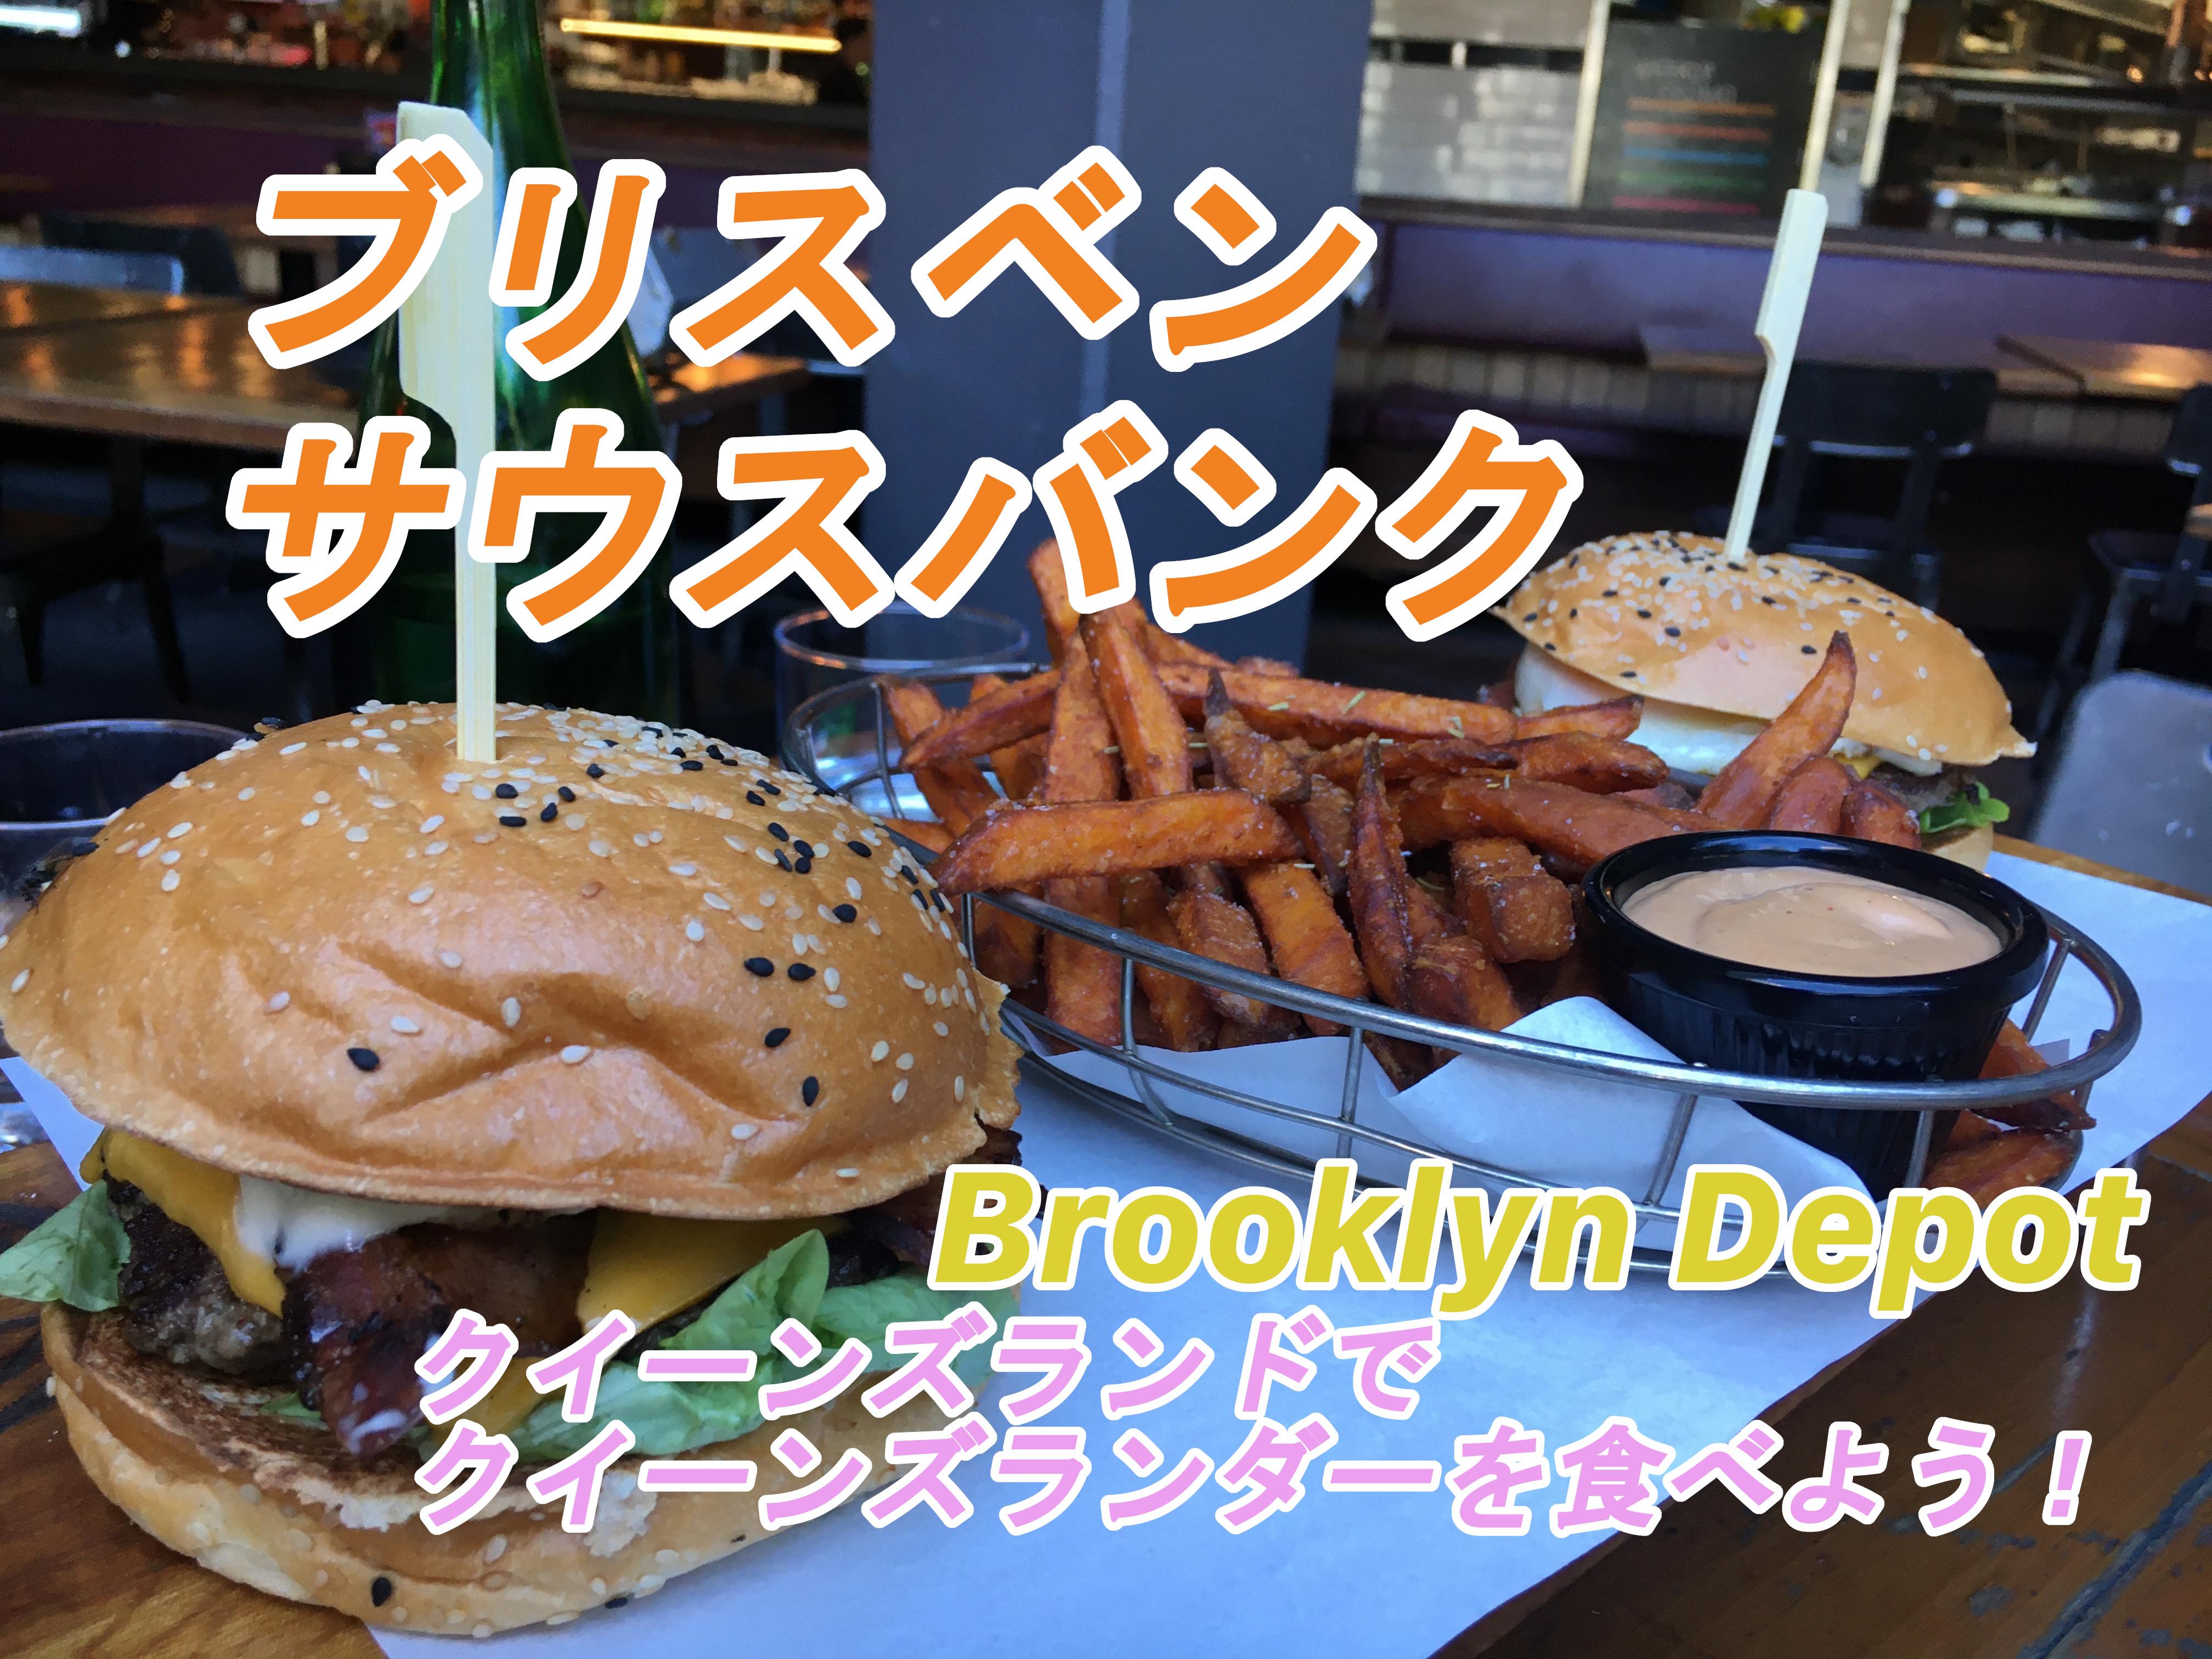 Brooklyn Depotでランチ!クイーンズランドで食べたいハンバーガー!